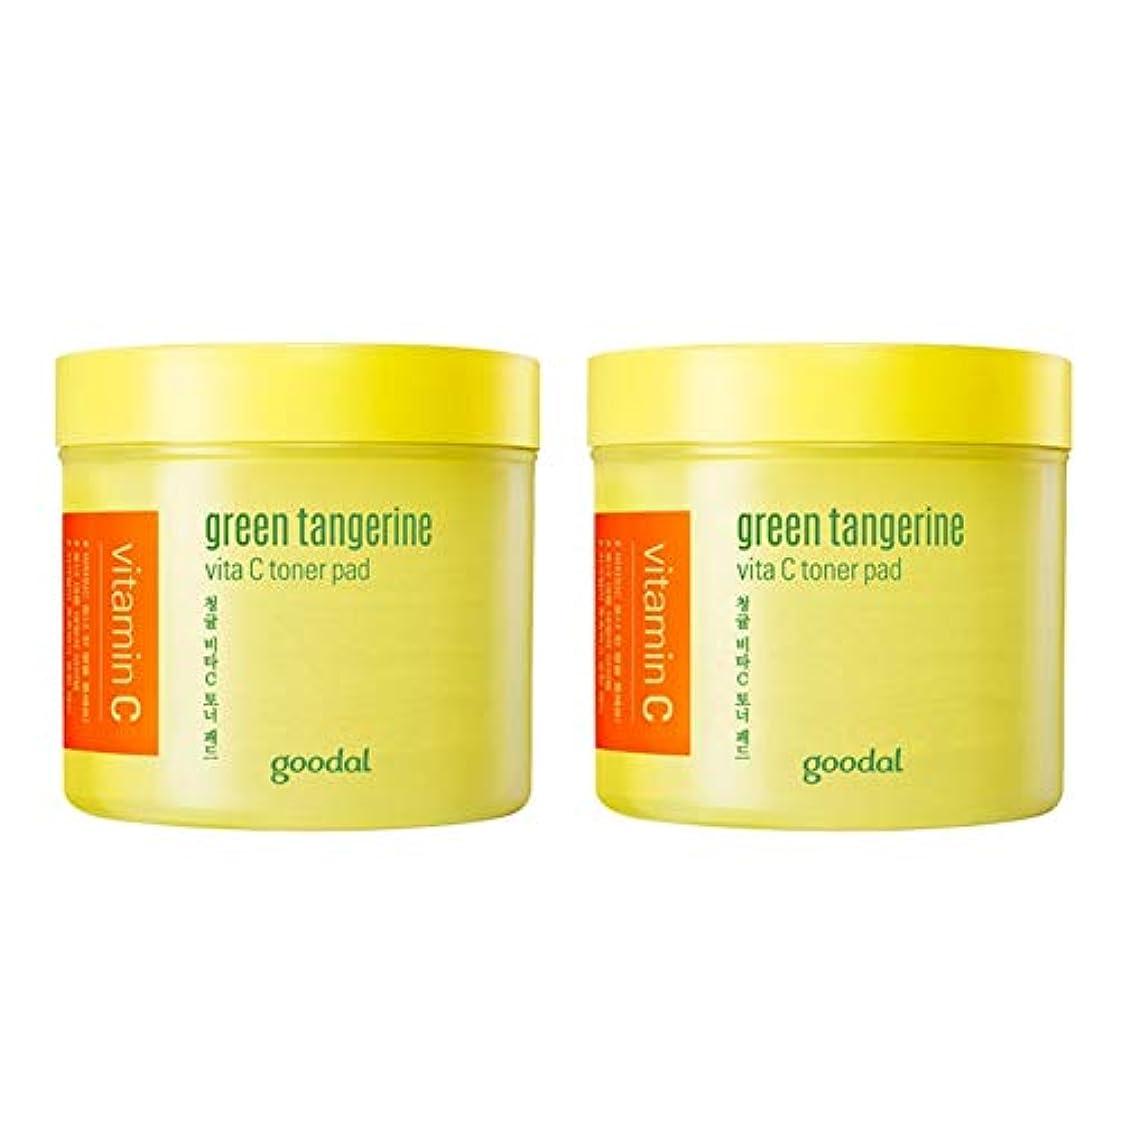 不実語アーティストグドール青みかんヴィータCトナーパッド70px2本セット質除去、水分供給 韓国コスメ 、Goodal Green Tangerine Vita C Toner Pad 70p x 2ea Set Korean Cosmetics...